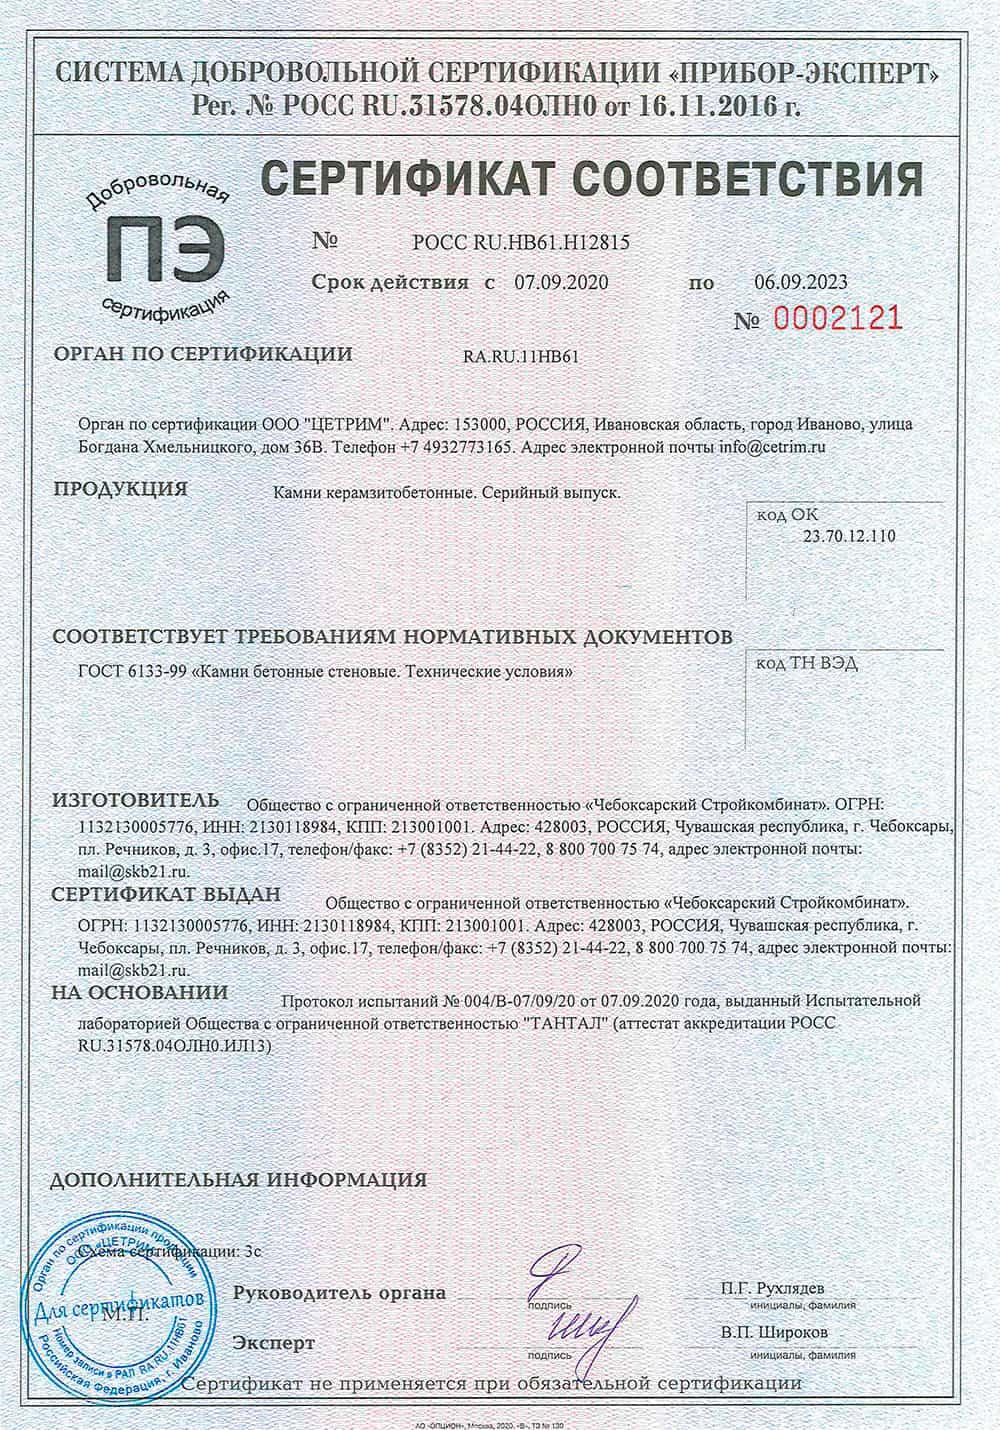 Сертификат ГОСТ на керамзитобетонные блоки